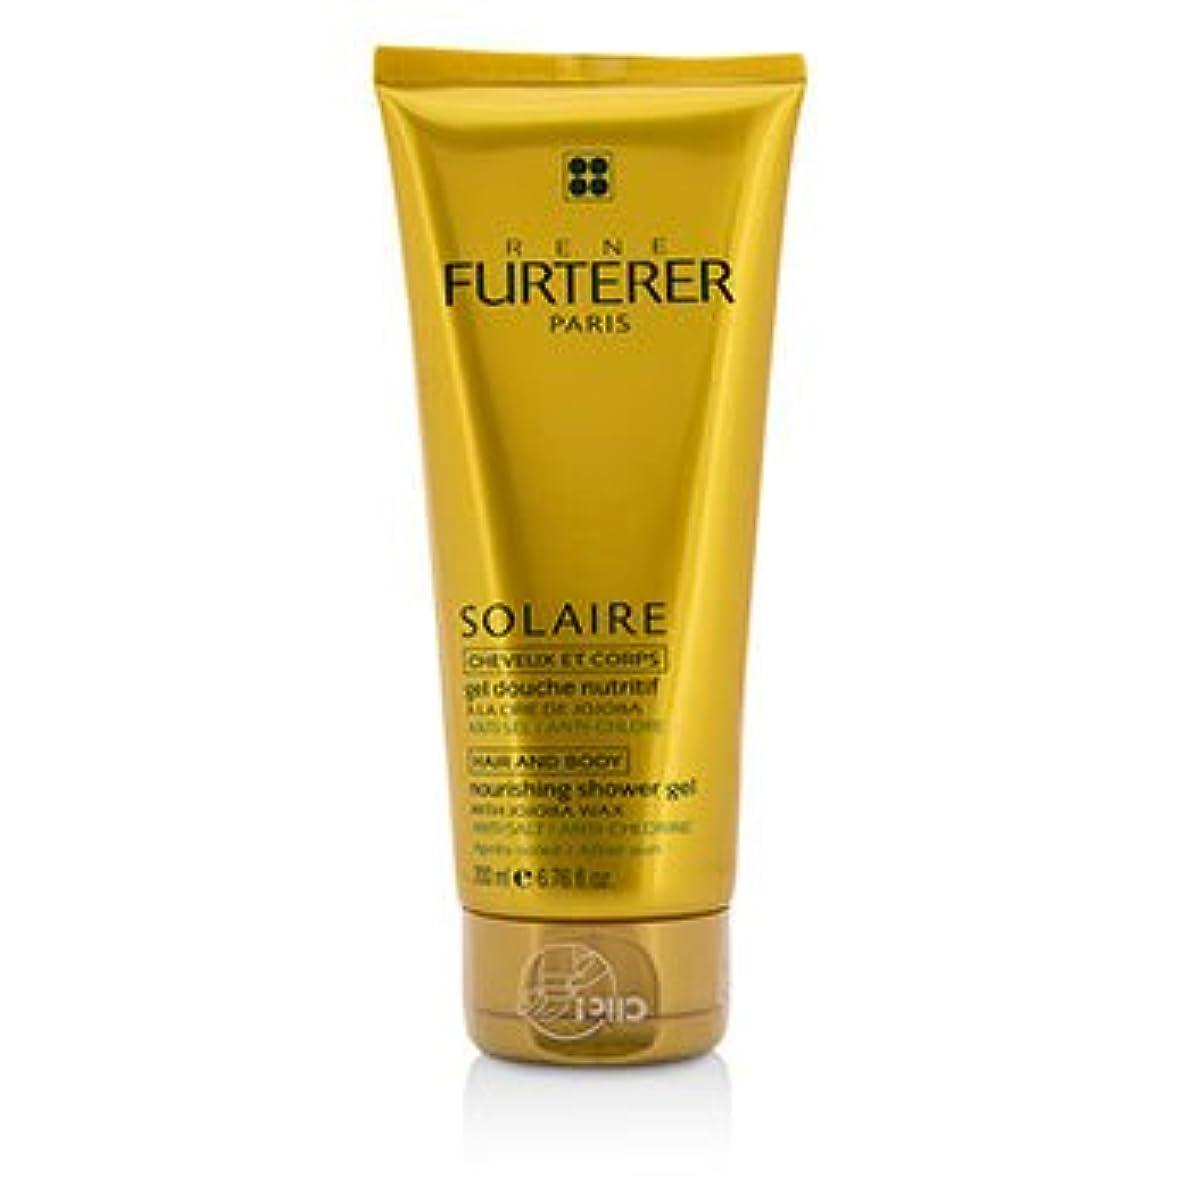 落ち着かない農学小売[Rene Furterer] Solaire Nourishing Shower Gel with Jojoba Wax (Hair and Body) 200ml/6.76oz